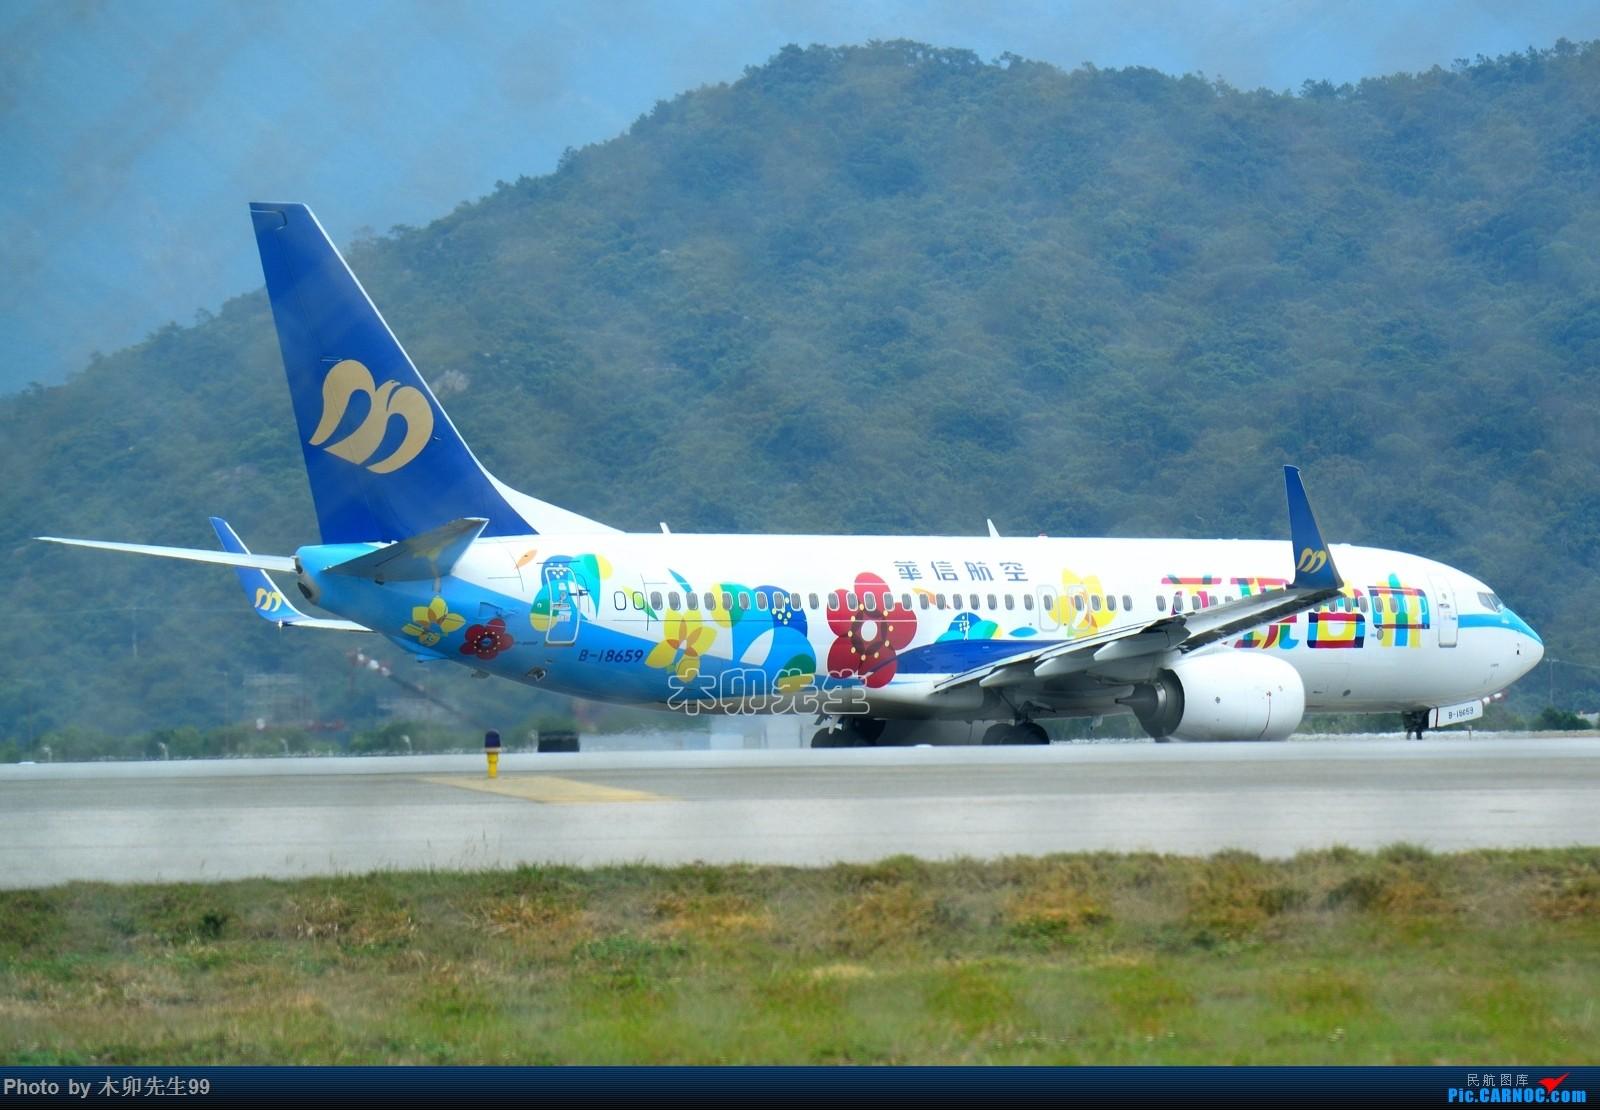 """Re:[原创]]【木卯先生99】—香港拍机第一次拍到—004-5【两年多今天第一次拍摄到缅甸航空飞机及华信航空""""花现台中""""彩绘机】1600×1066>>帖子列表 BOEING 737-800 B-18659 香港国际机场"""